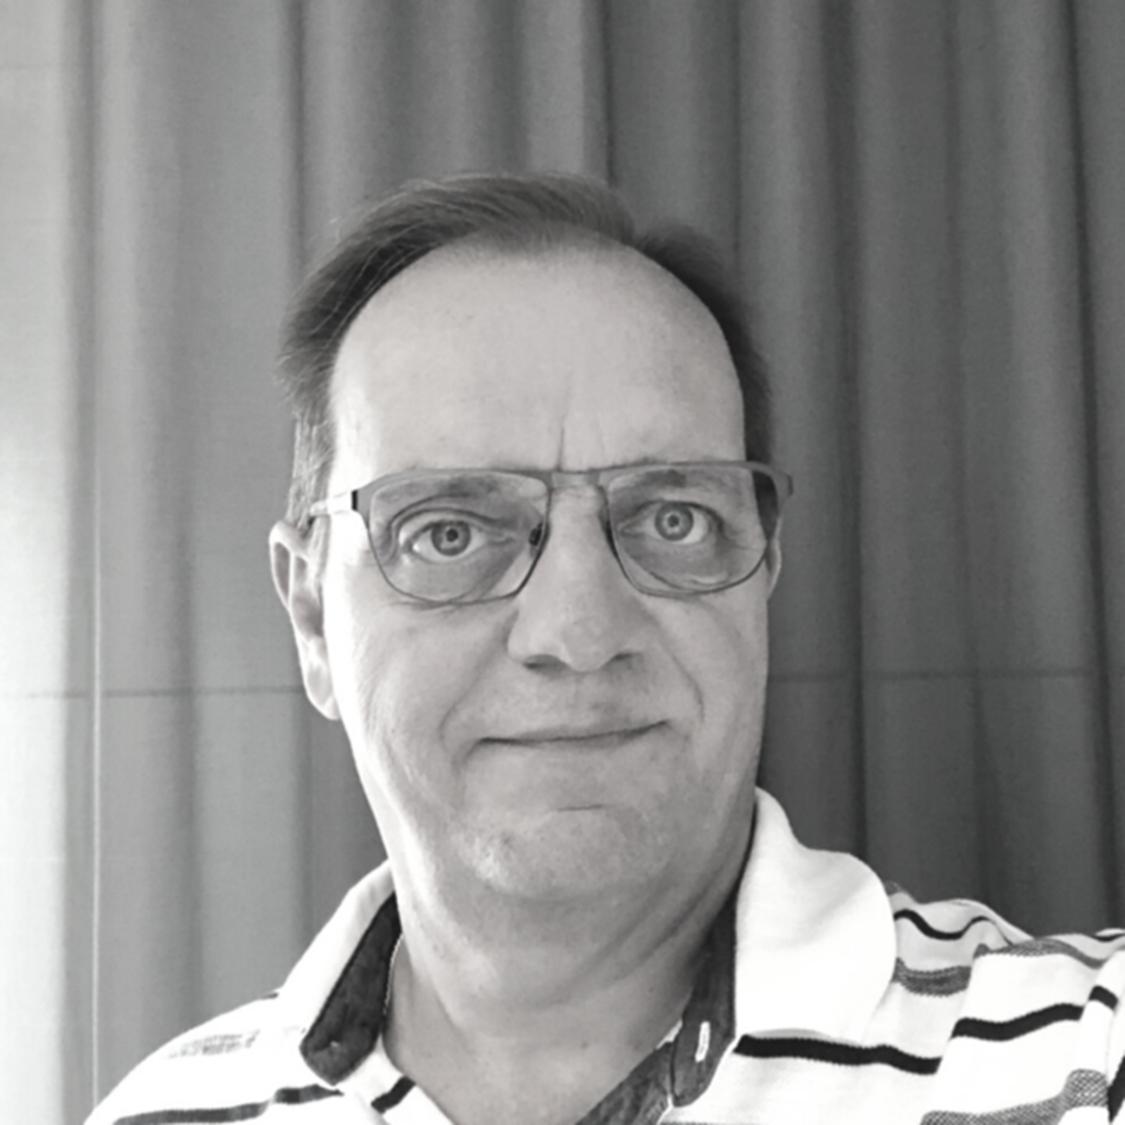 Thomas Preiholt